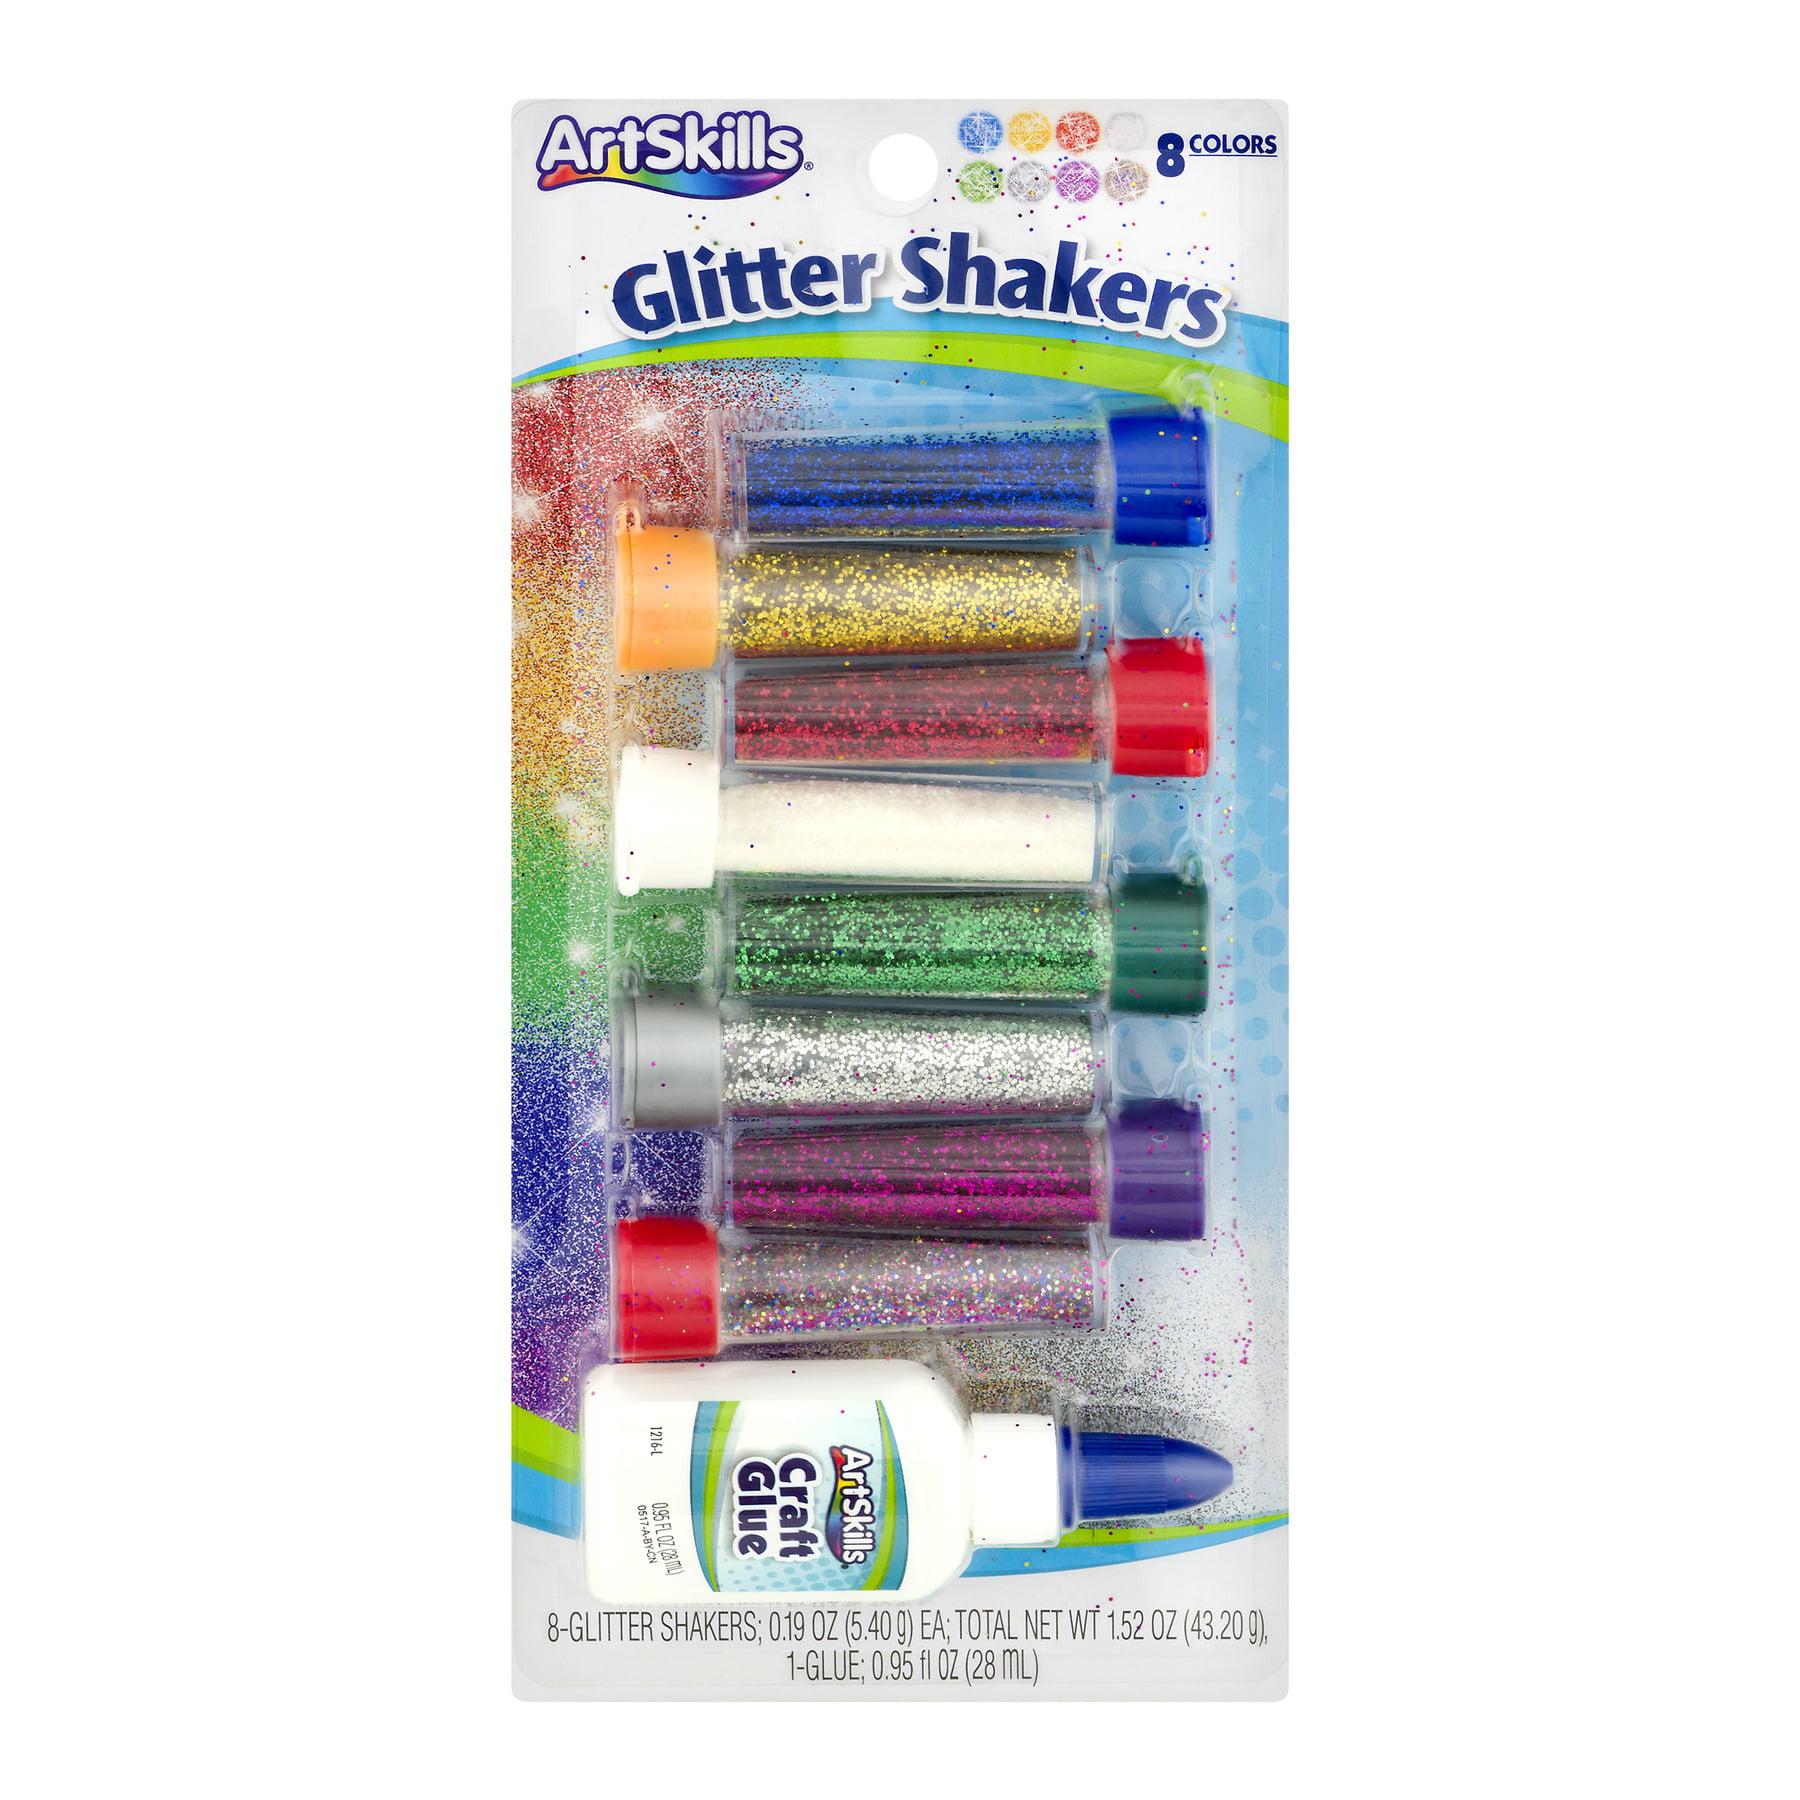 ArtSkills Glitter Shakers - 8 CT0.19 OZ